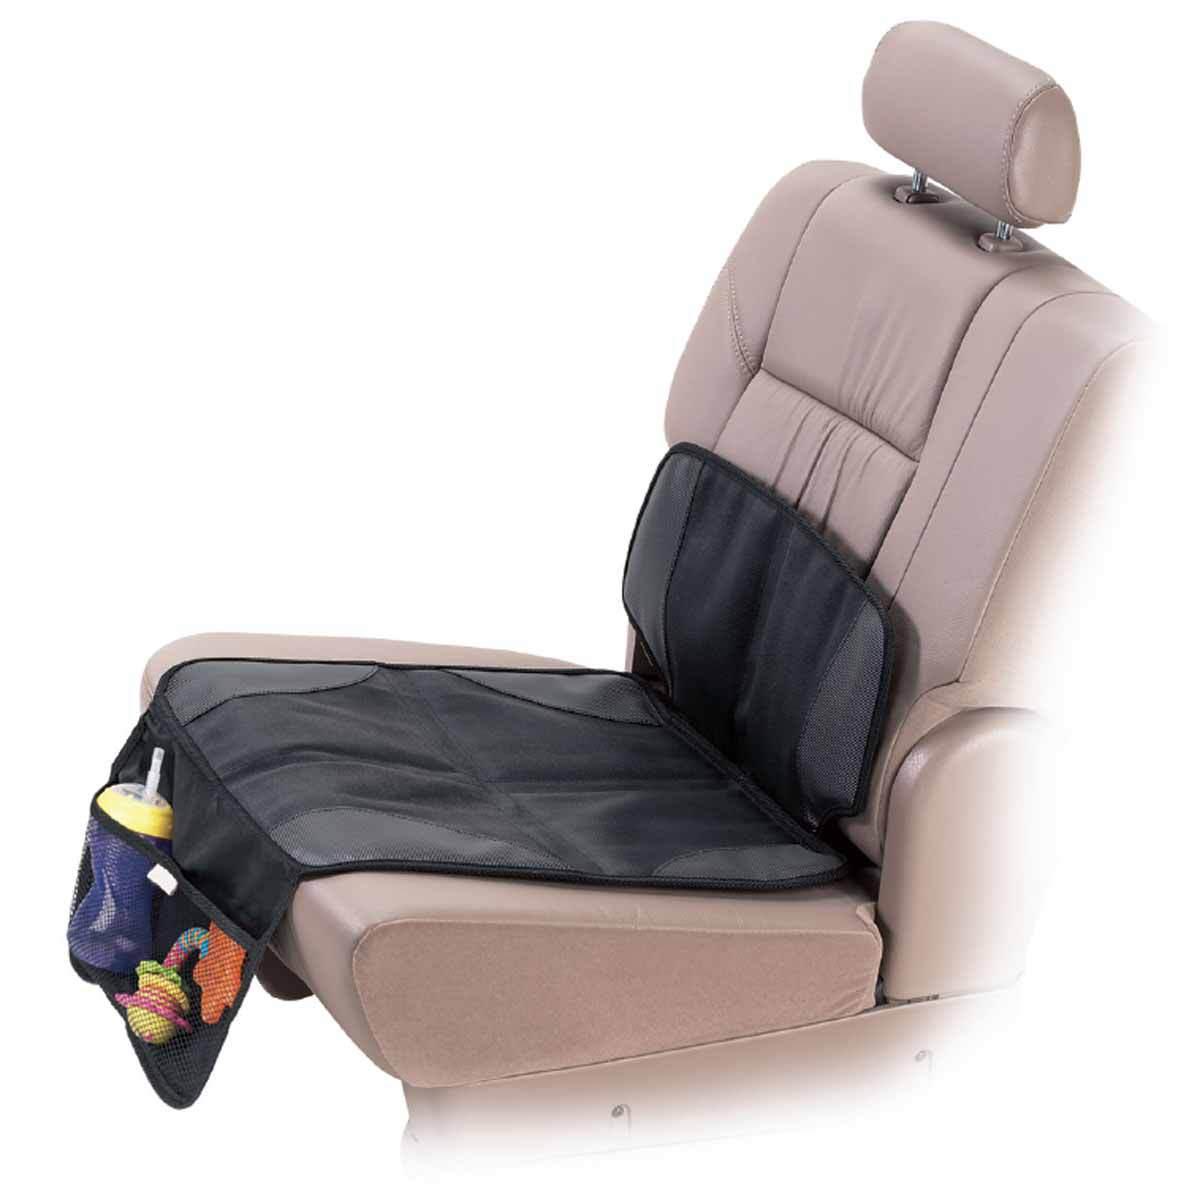 protecteur de si ge de voiture 012070 achat vente confort sur. Black Bedroom Furniture Sets. Home Design Ideas